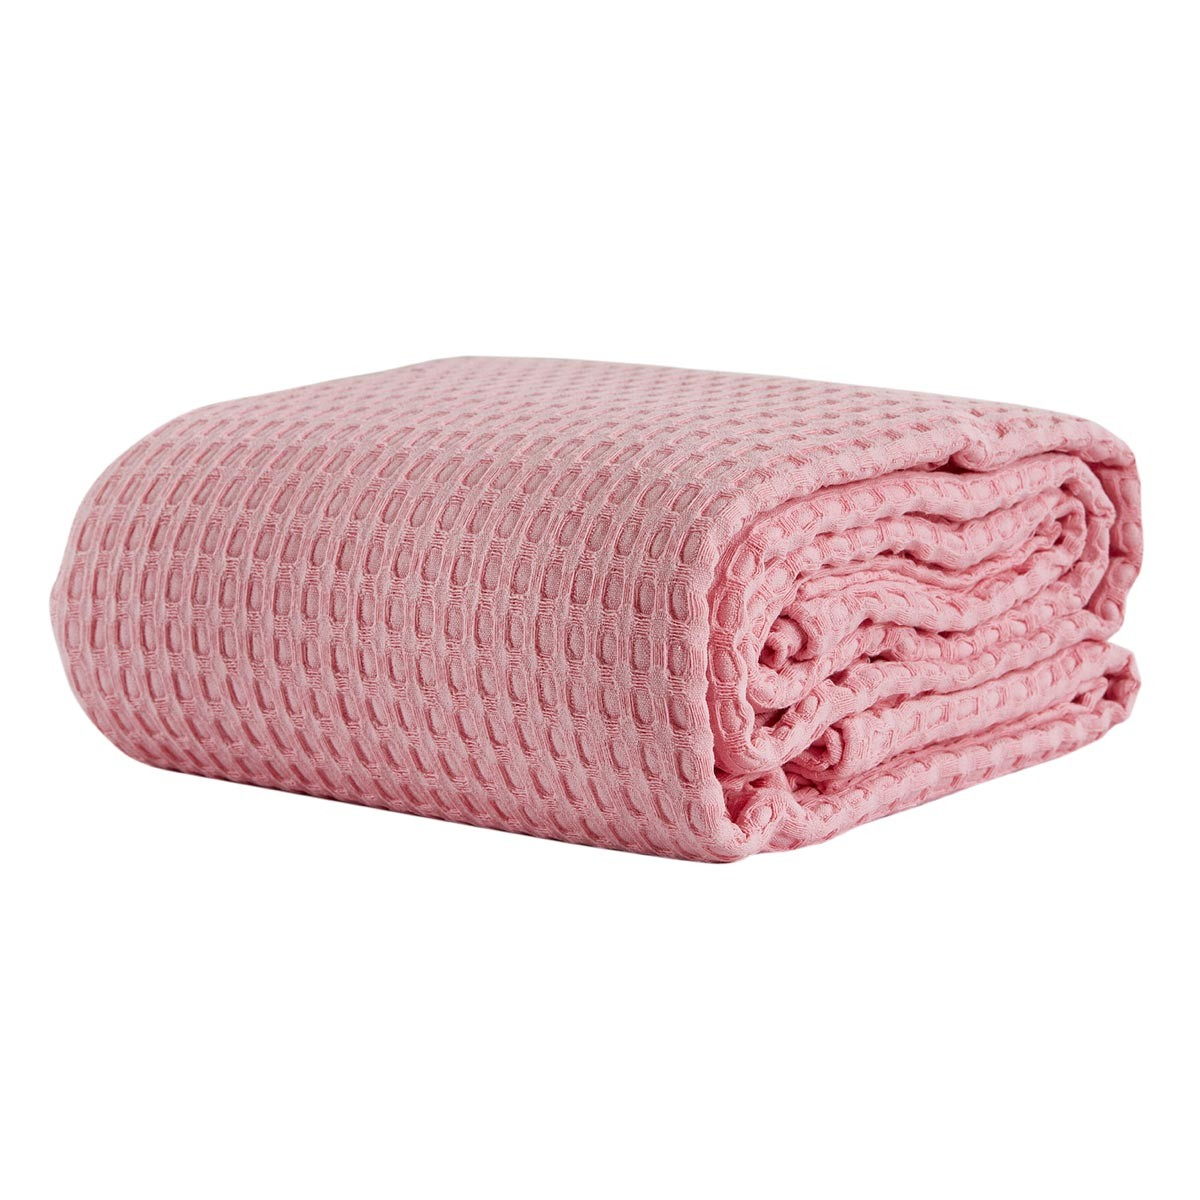 Κουβέρτα Πικέ Υπέρδιπλη White Egg ΚΠ10Α Ροζ 69539